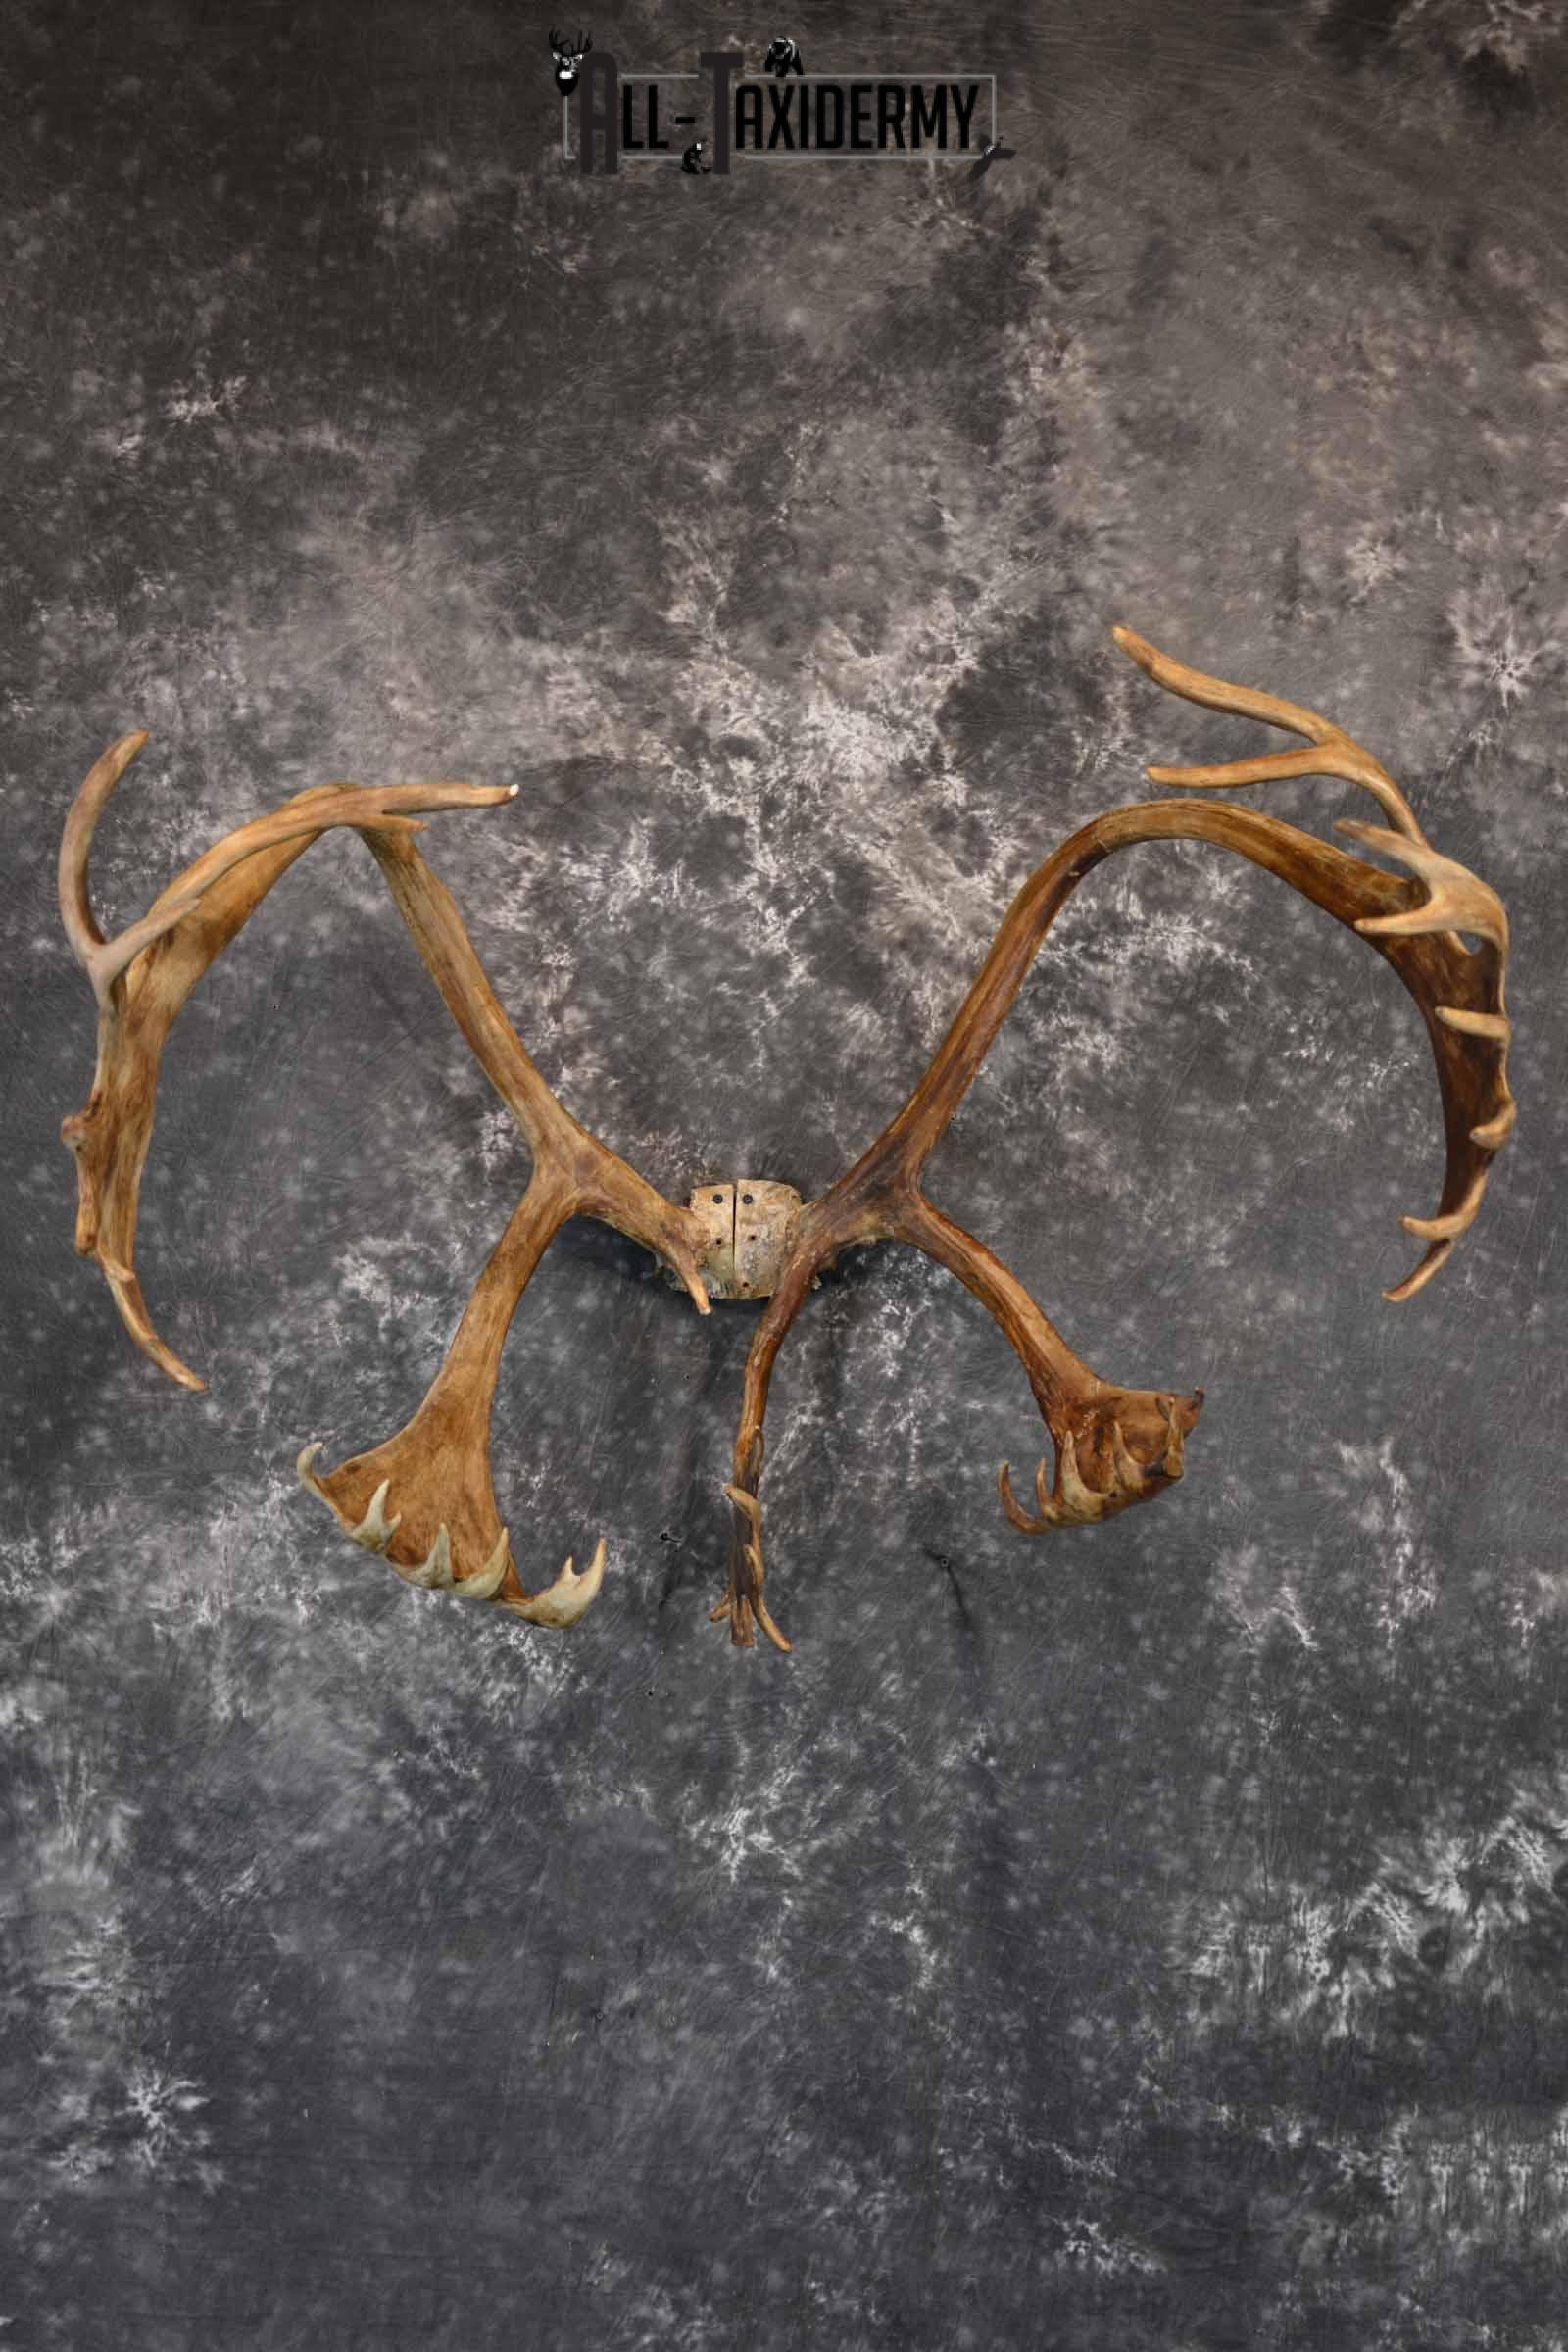 Caribou Antler Skull cap for Sale SKU 1161